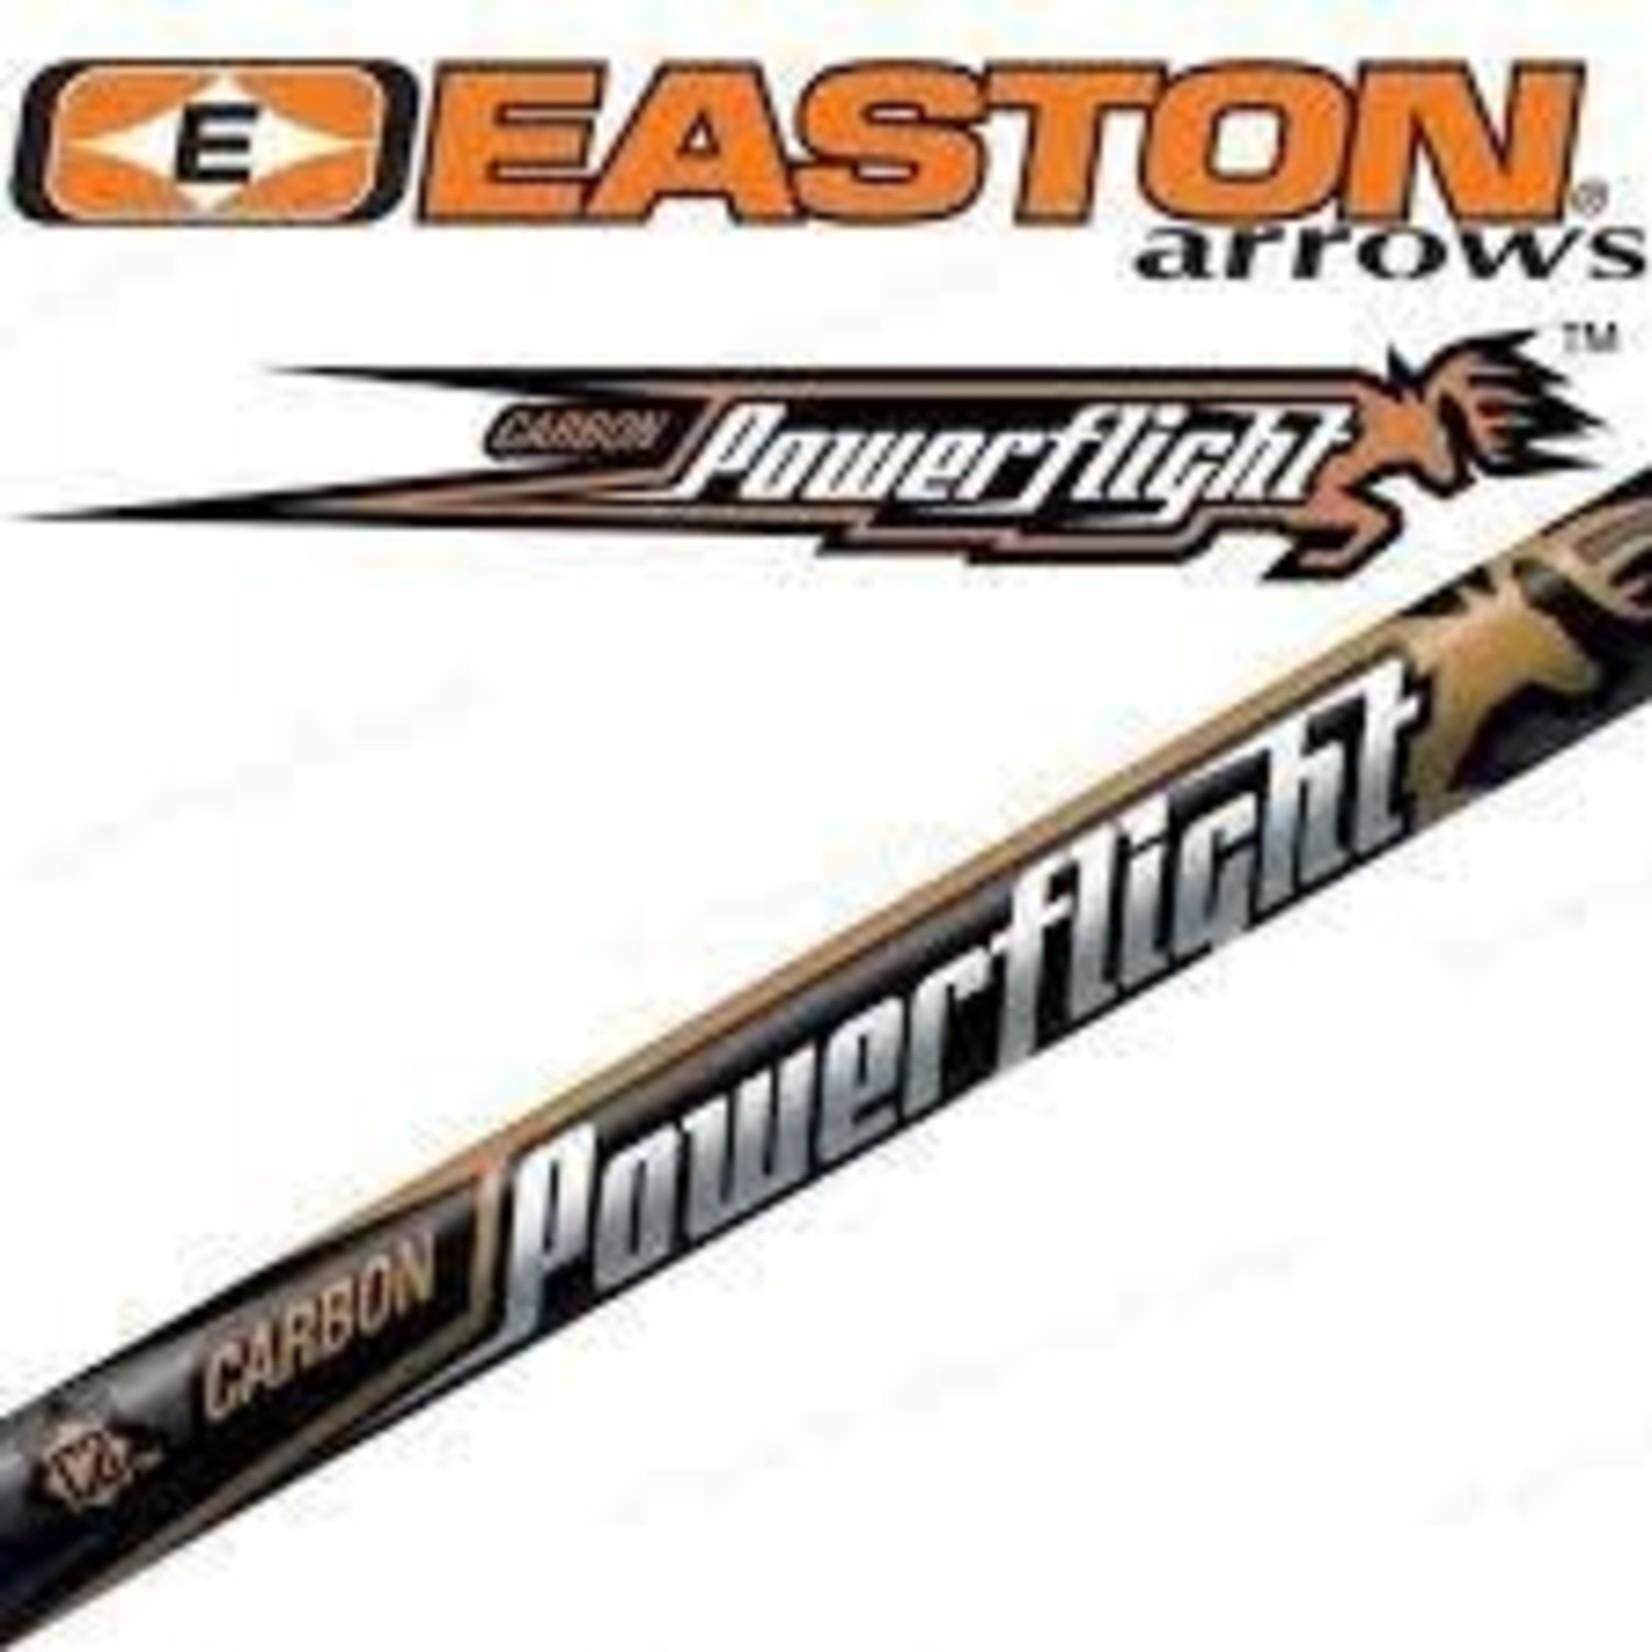 Easton Easton Powerflight  Arrows 400 (1/2 doz)